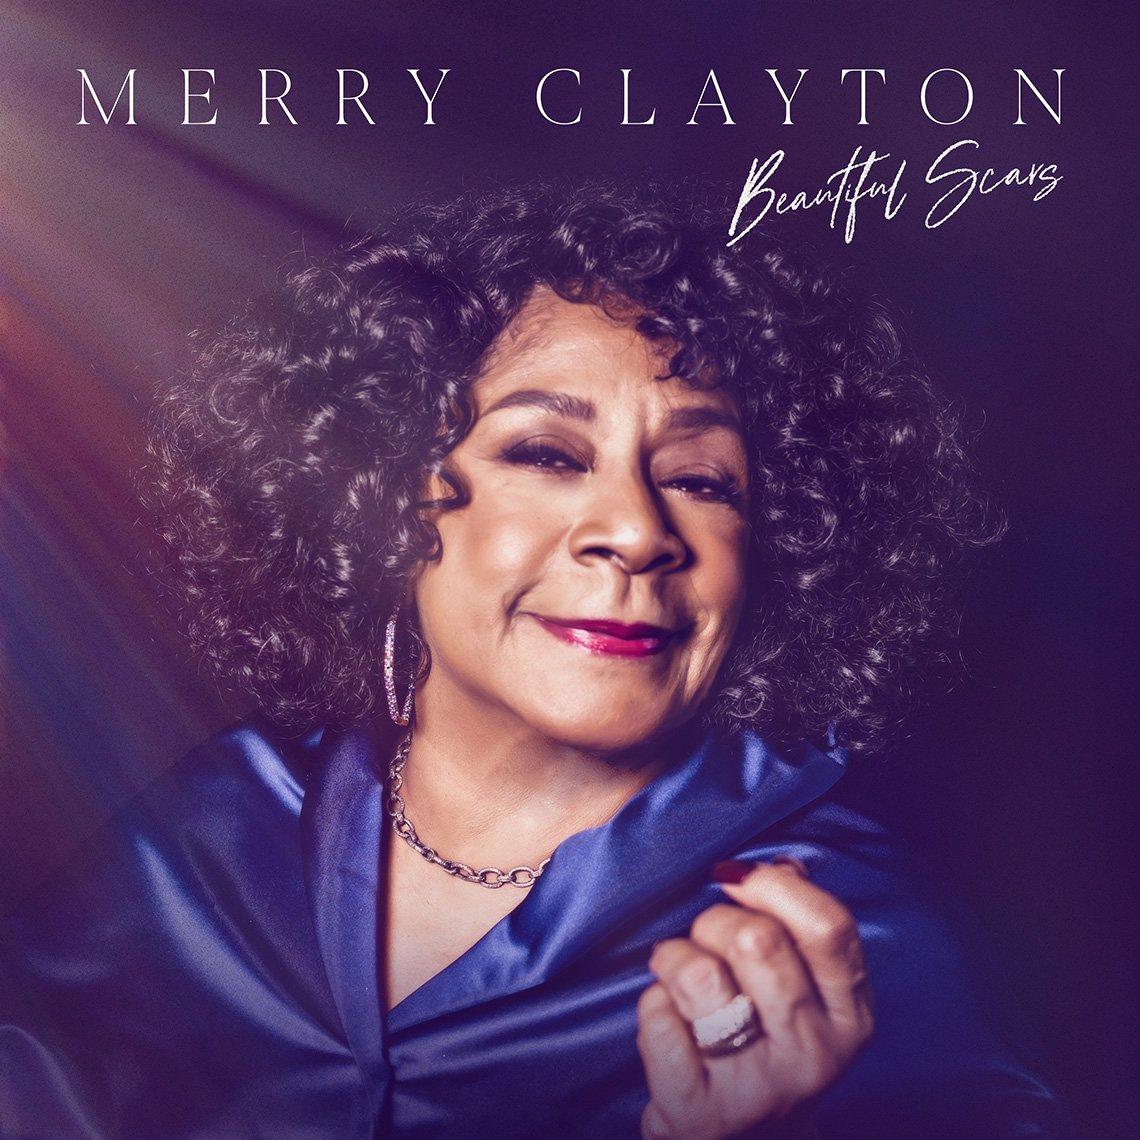 """Portada del álbum """"Beautiful Scars"""" de Merry Clayton."""